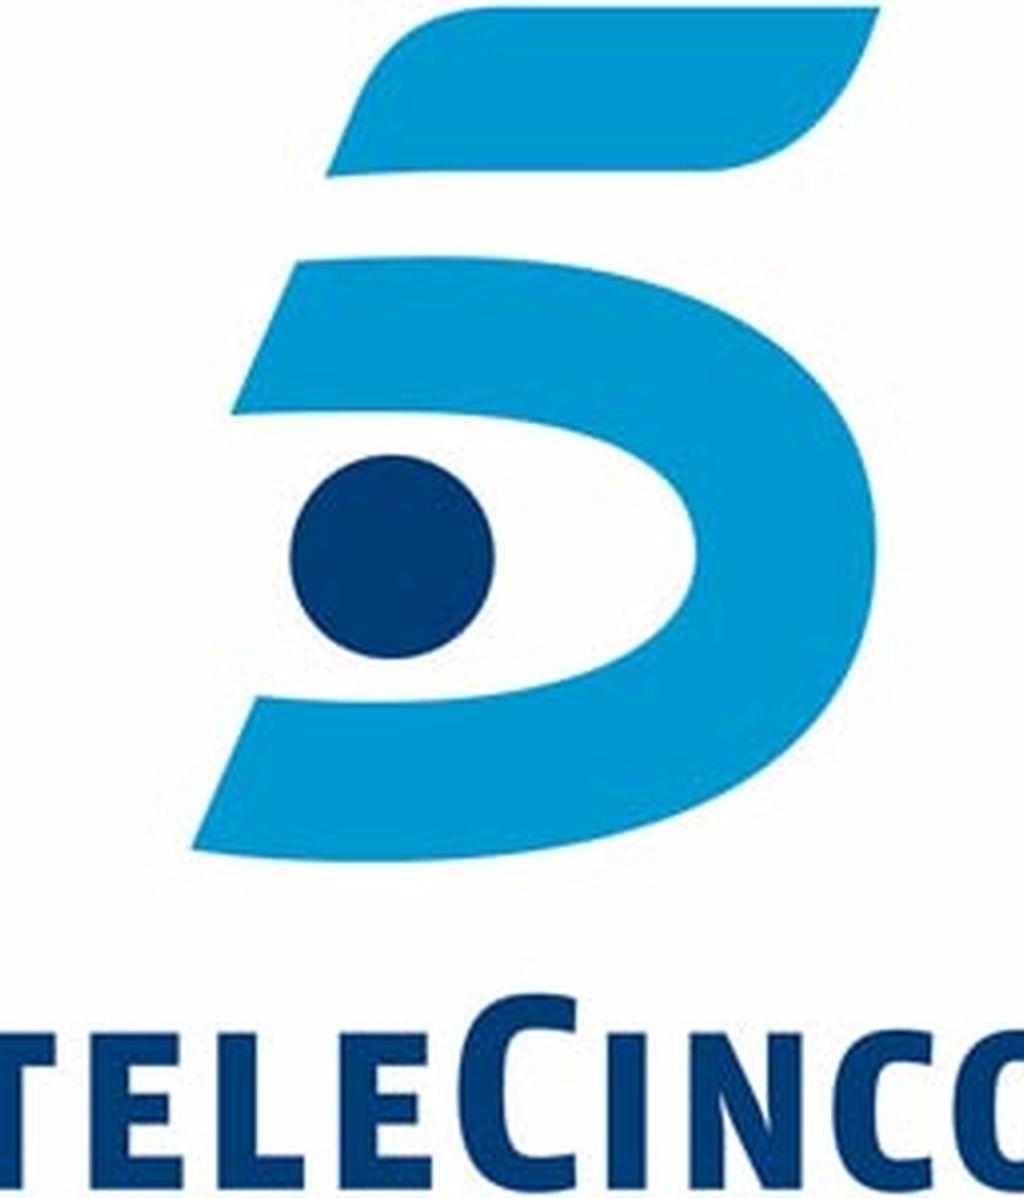 La entrada en este selecto índice confirma a Telecinco como la compañía de referencia del sector audiovisual en España. FOTO: TELECINCO